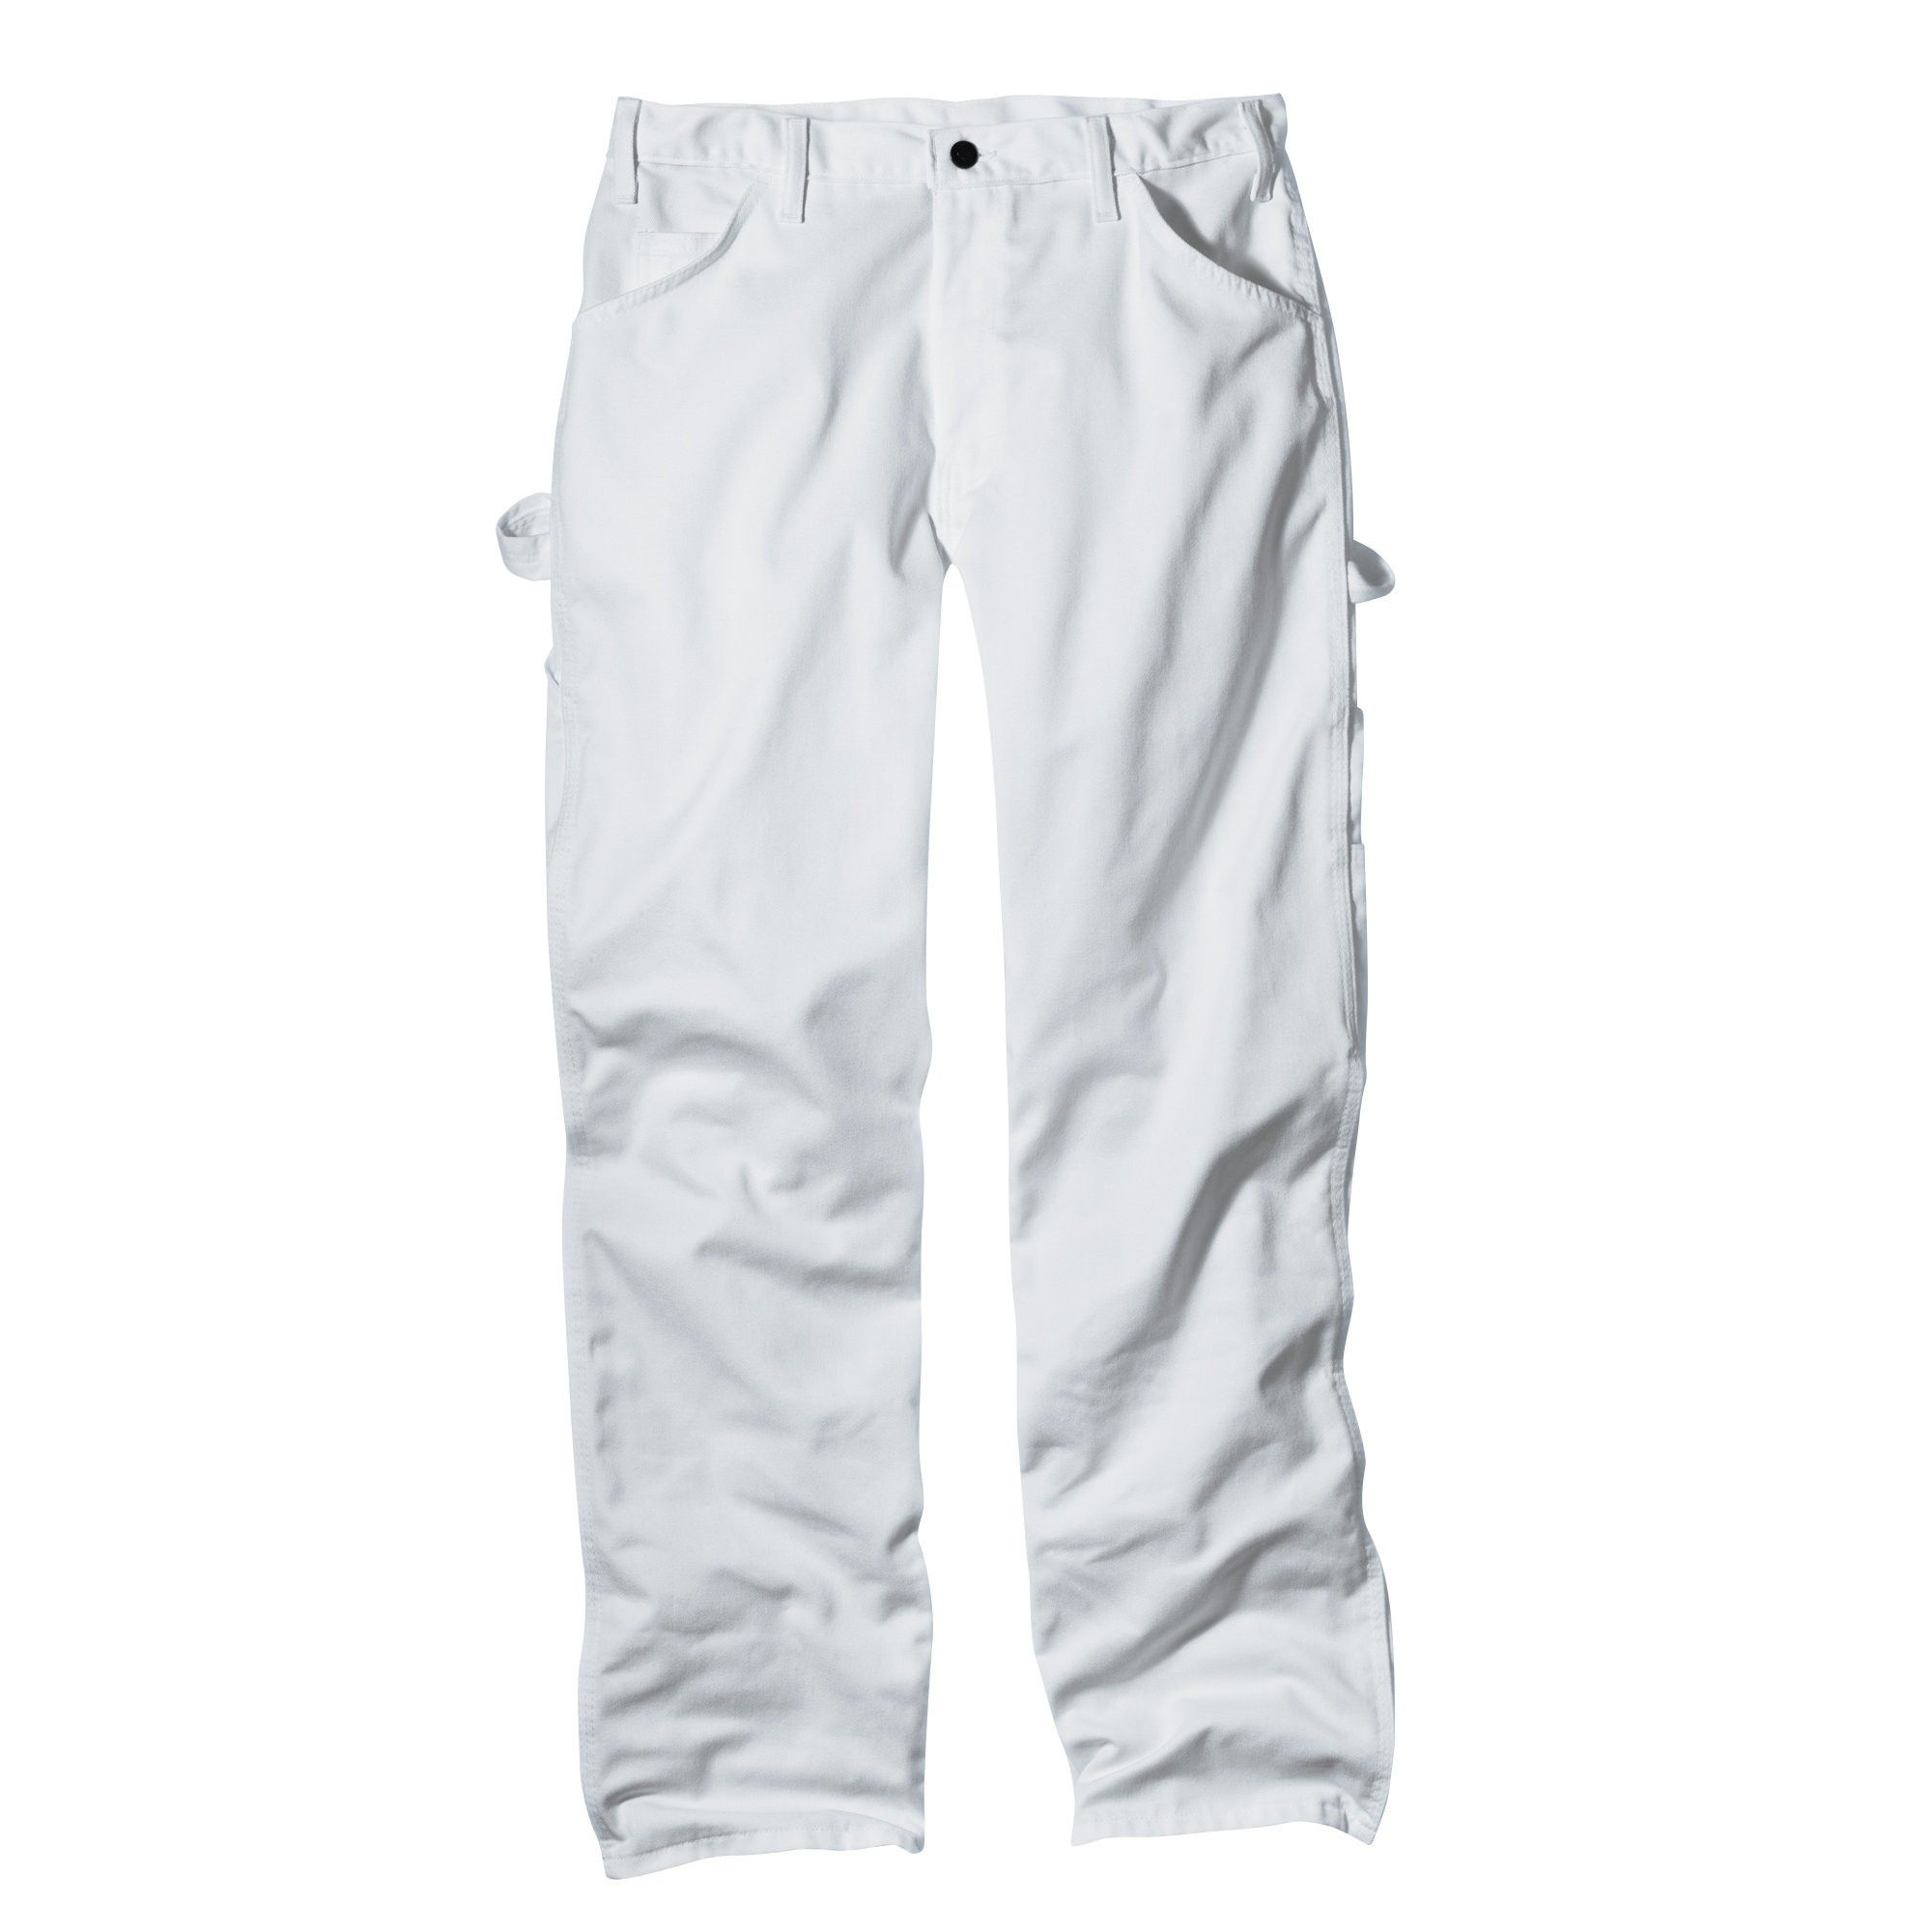 Dickies Men's Premium Painters Pant - WP820 | Pants and Premium